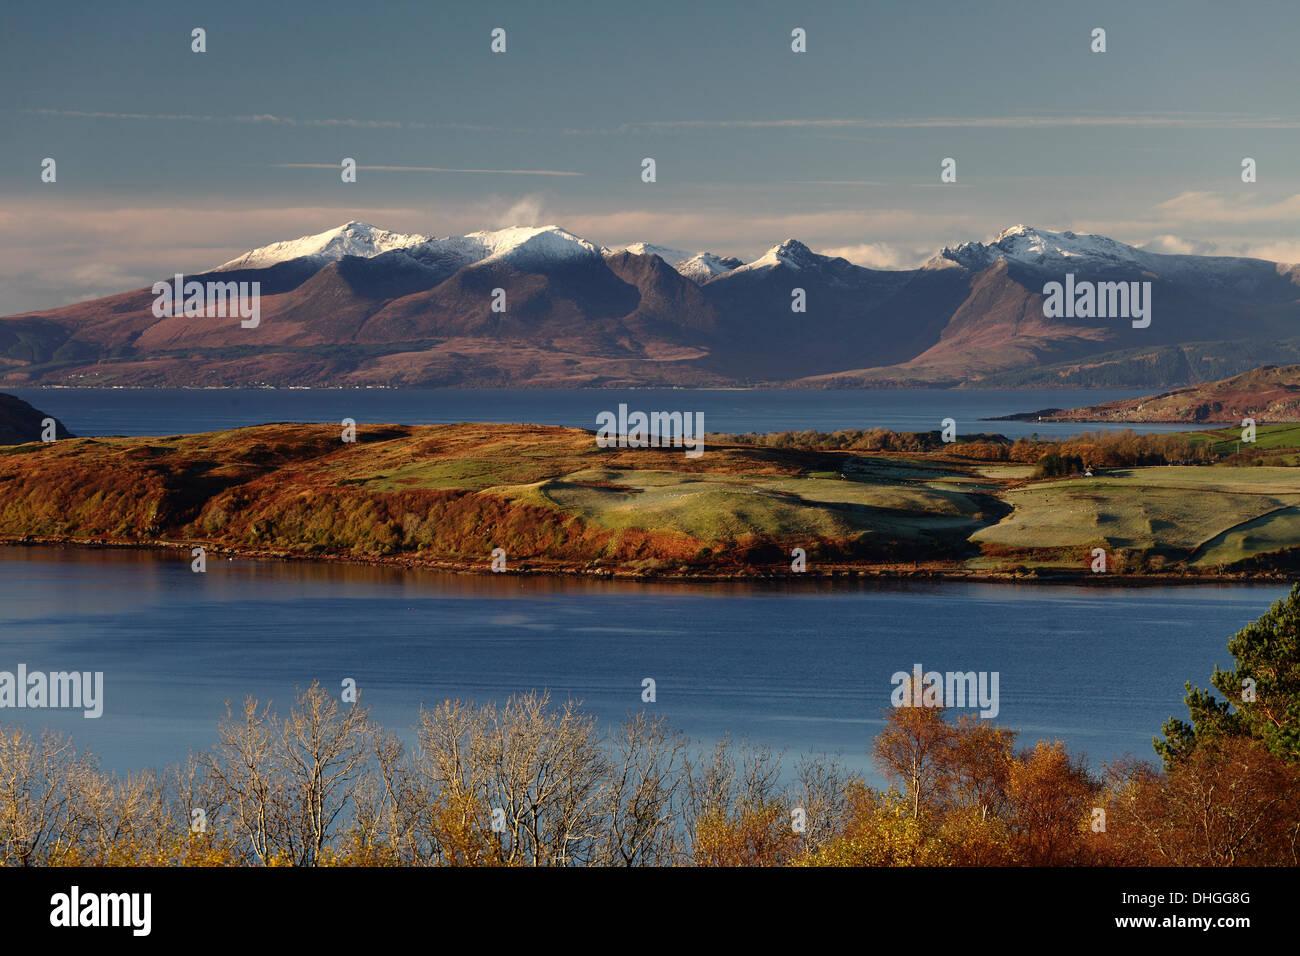 Haylie Brae, North Ayrshire, Escocia, Reino Unido, domingo 10 de noviembre de 2013. Temprano en la mañana el sol de otoño sobre las montañas nevadas en la isla de Arran en el Firth de Clyde con la isla de Great Cumbrae en primer plano. Foto de stock